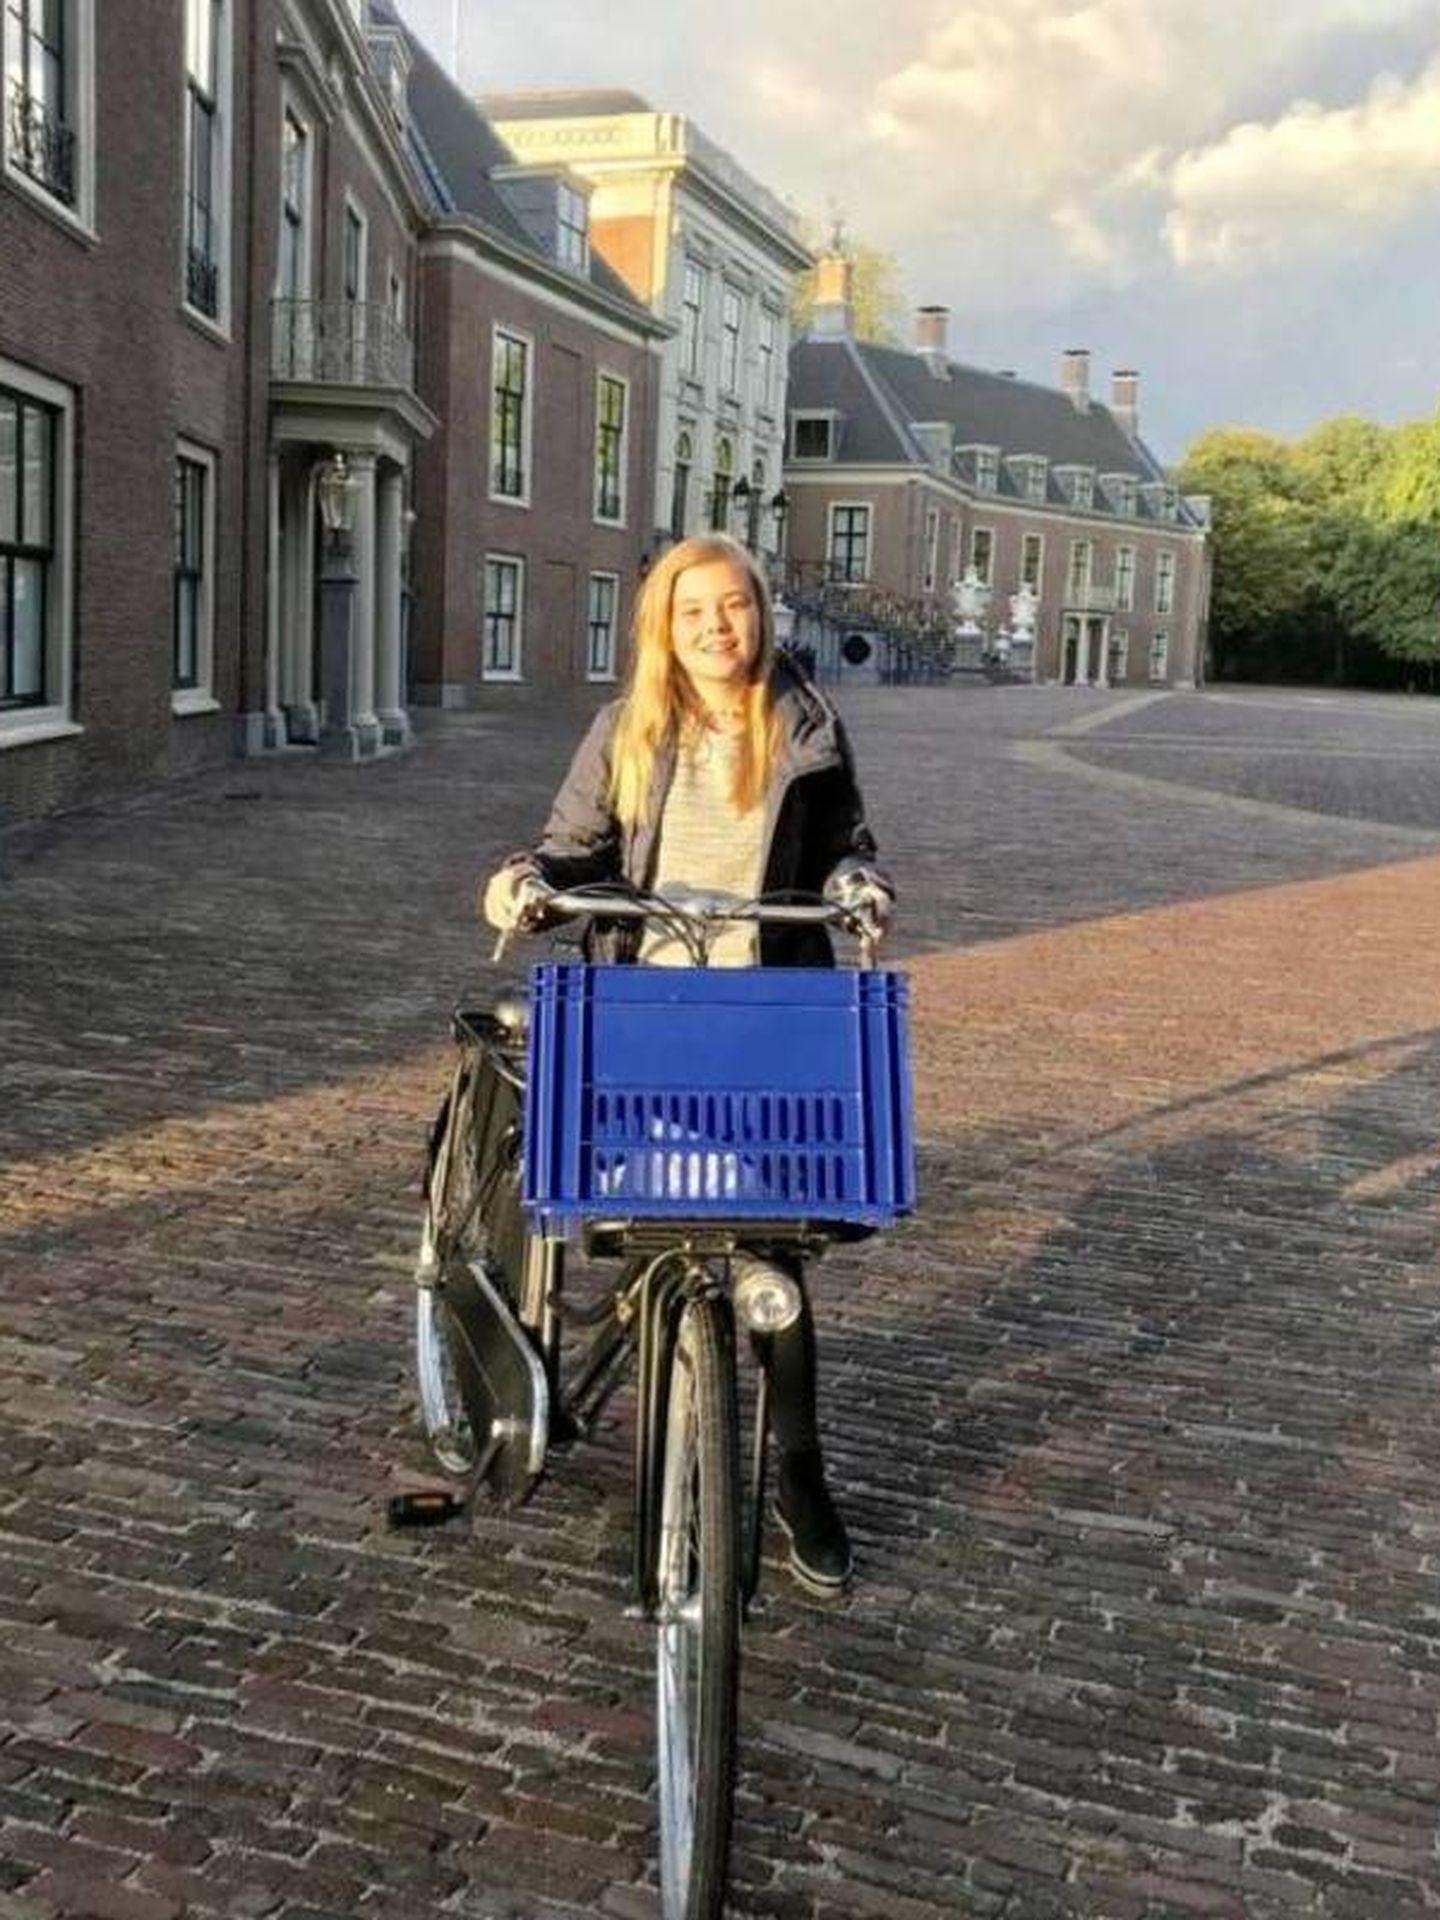 Ariane de Holanda, en su primer día de colegio. (Redes)